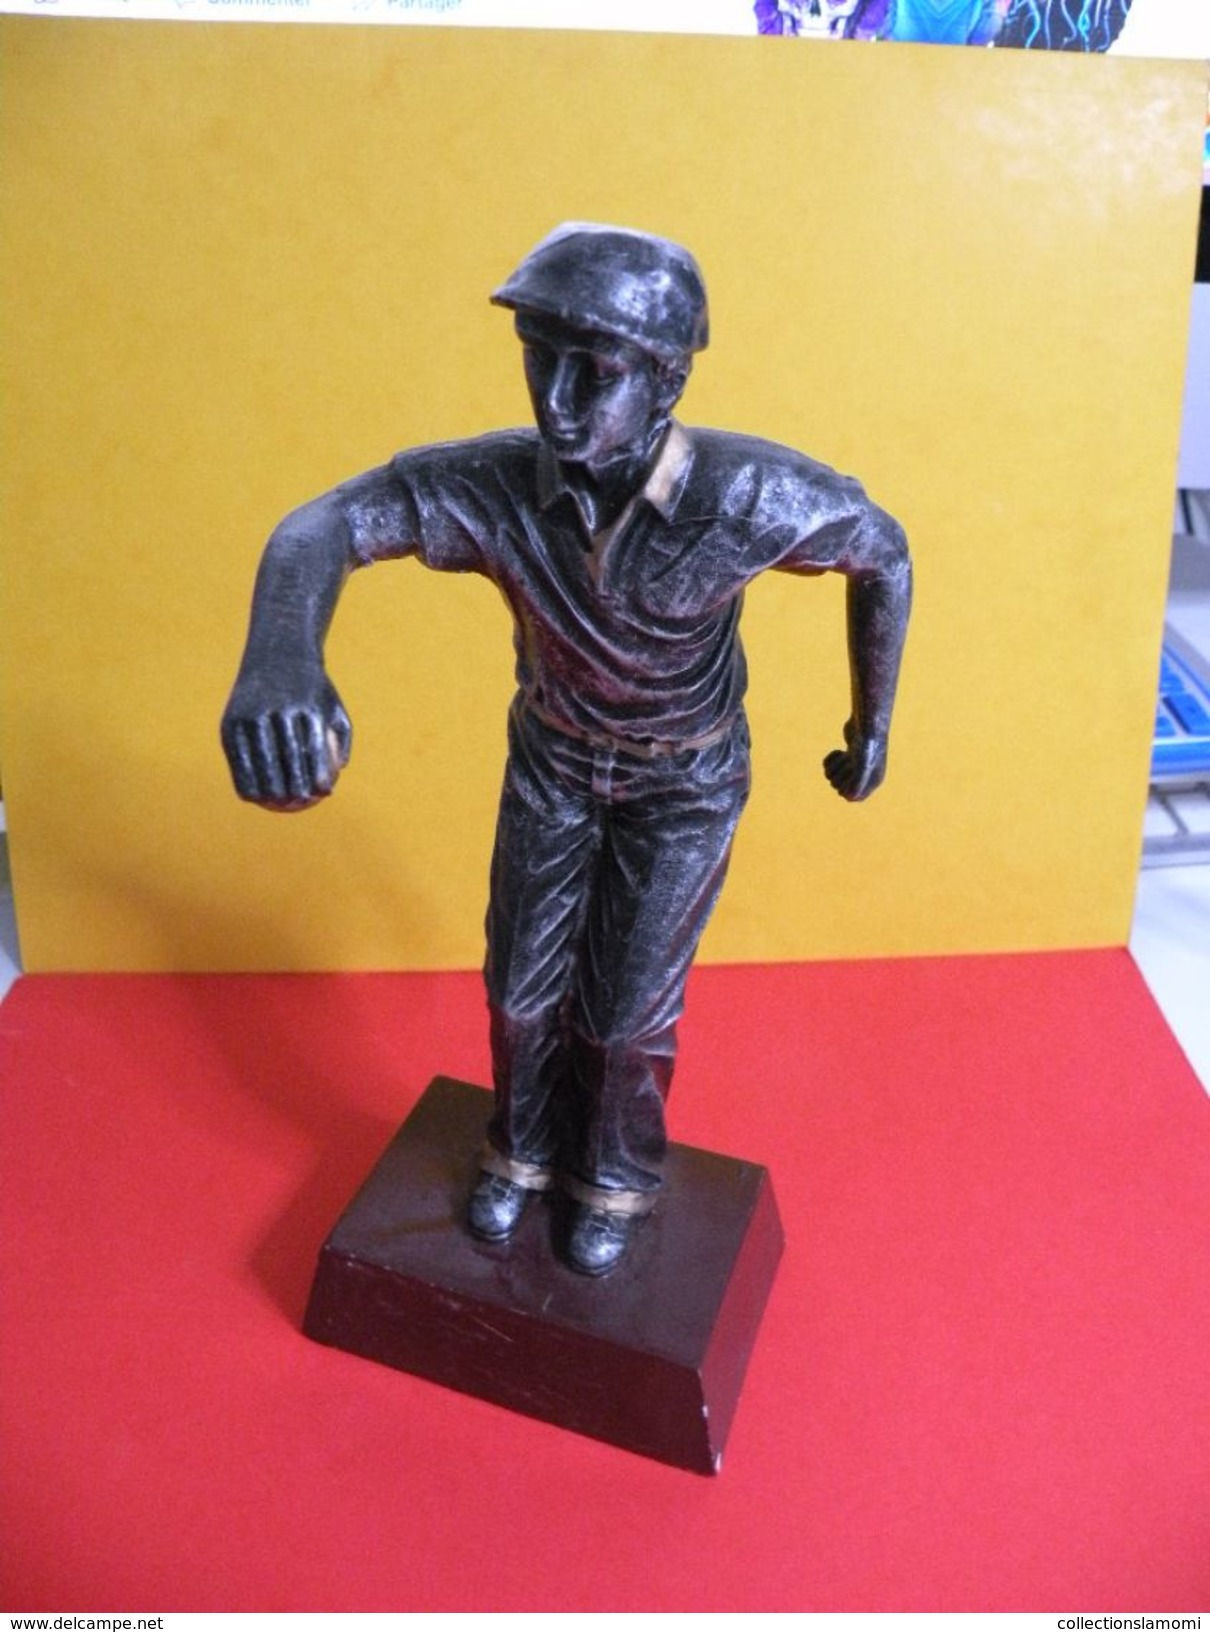 Trophée De Pétanque, Sculpture De 22 Cm Ht -Trophy Bowls, Sculpture 22 Cm Ht (restauré) - Bowls - Pétanque